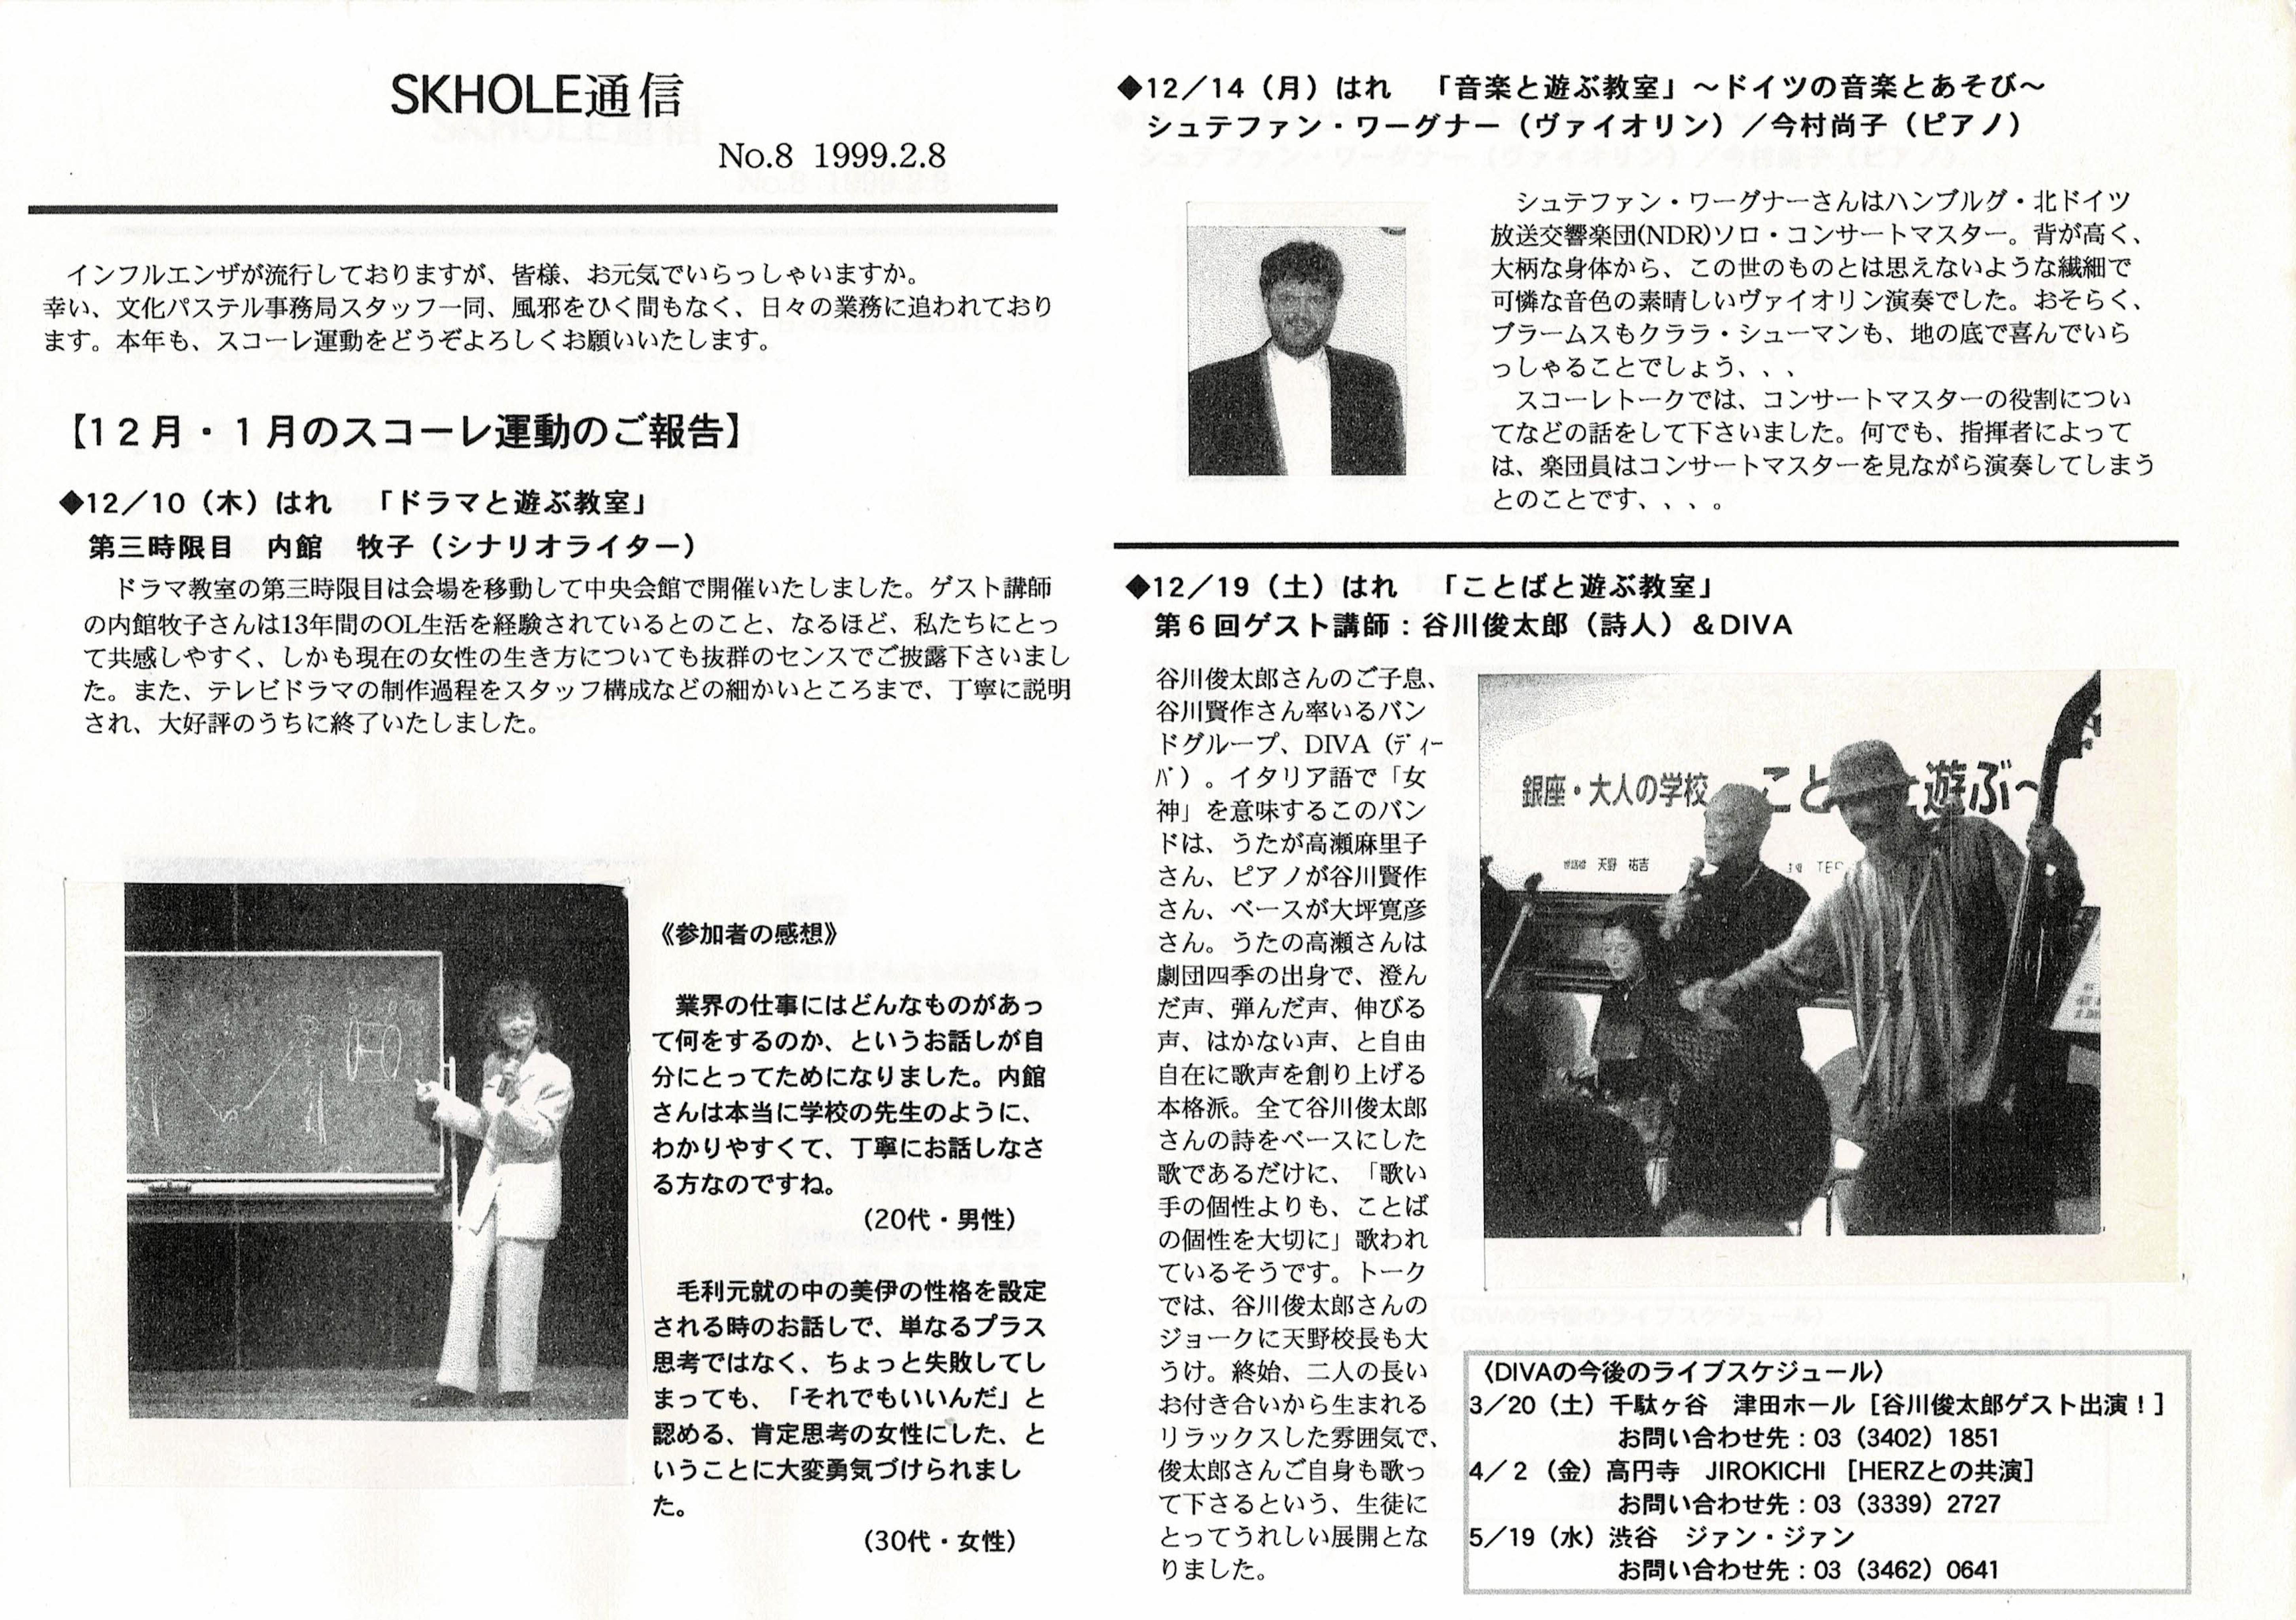 赤十字チャリティコンサート1998_NHK放映_スコーレ通信No.8